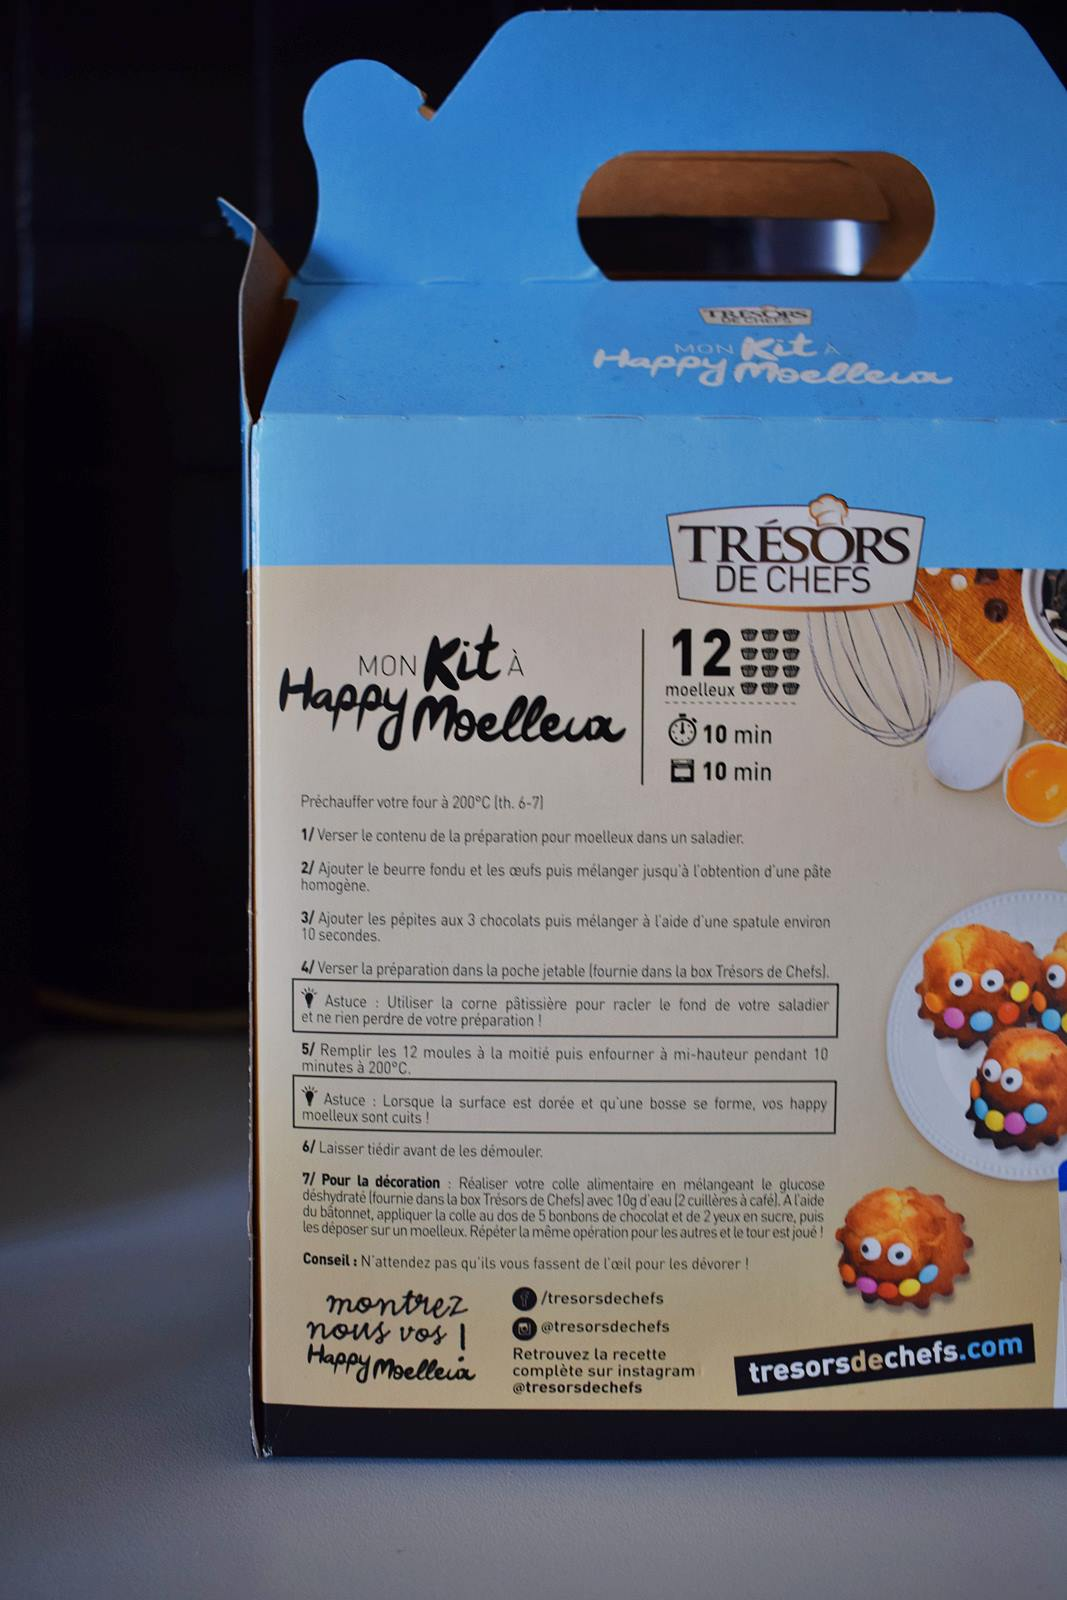 Kit happy moelleux tresor de chefs 1